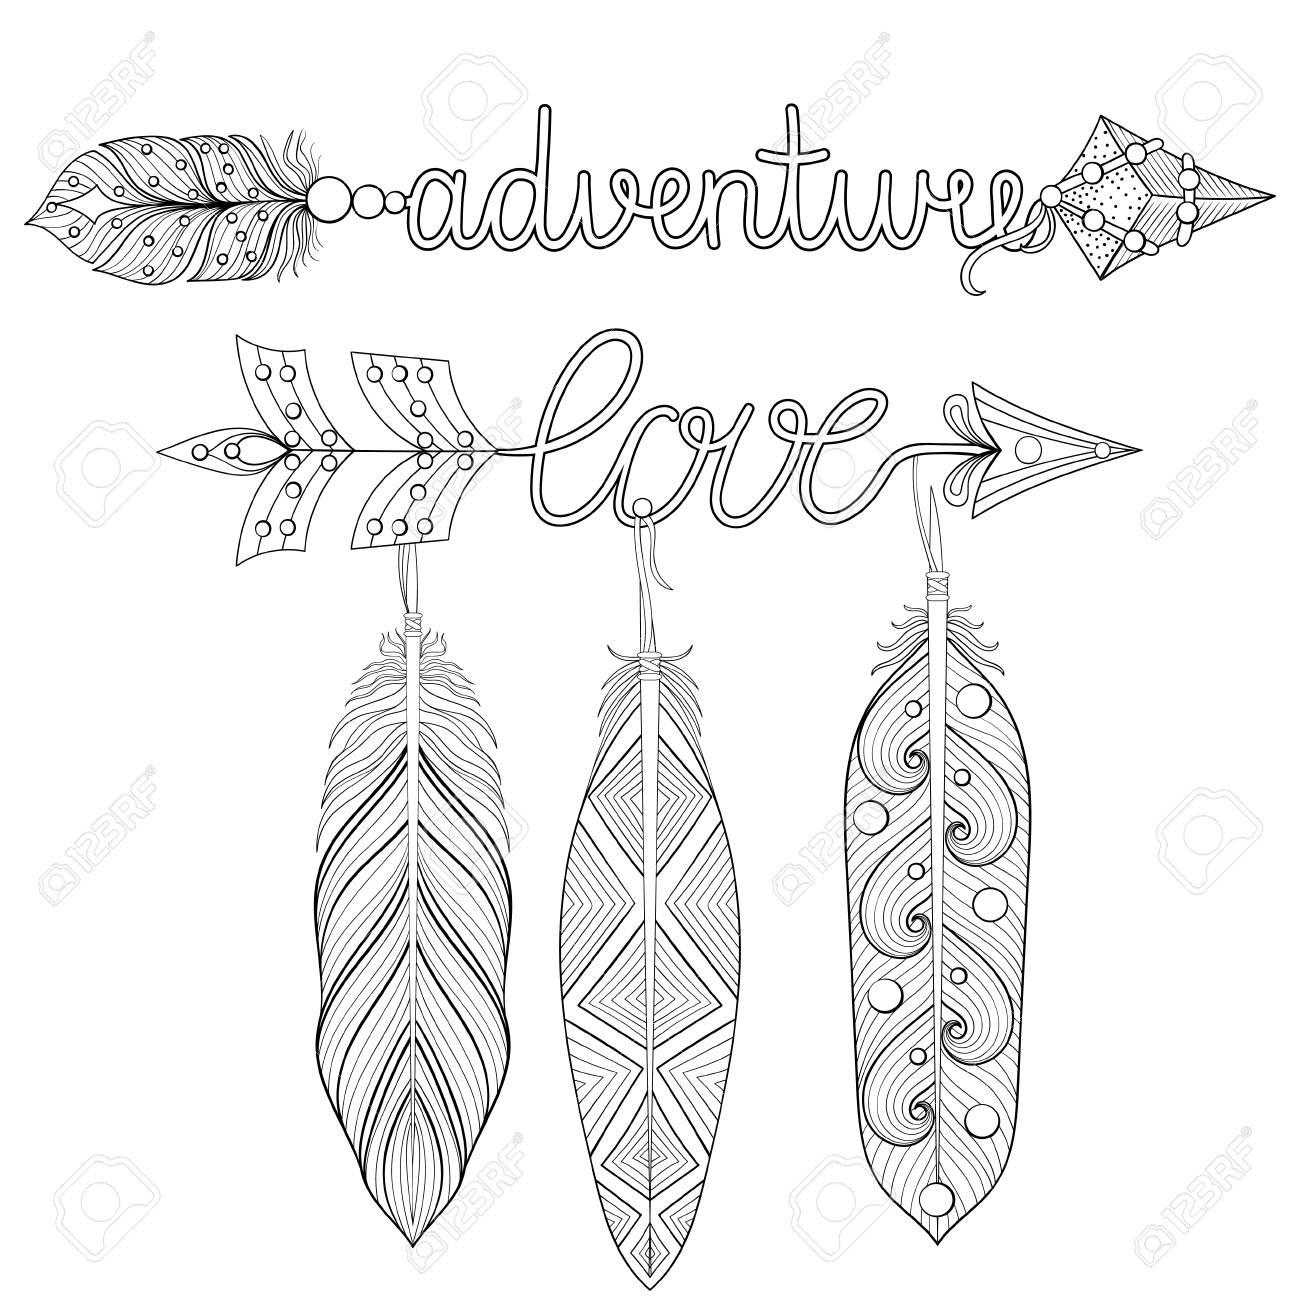 Avventura Bohémien Love Arrows Con Piume Per Adulti Da Colorare Arteterapia Stampa T Shirt Con Motivi Etnici Stile Tribale Boho Chic